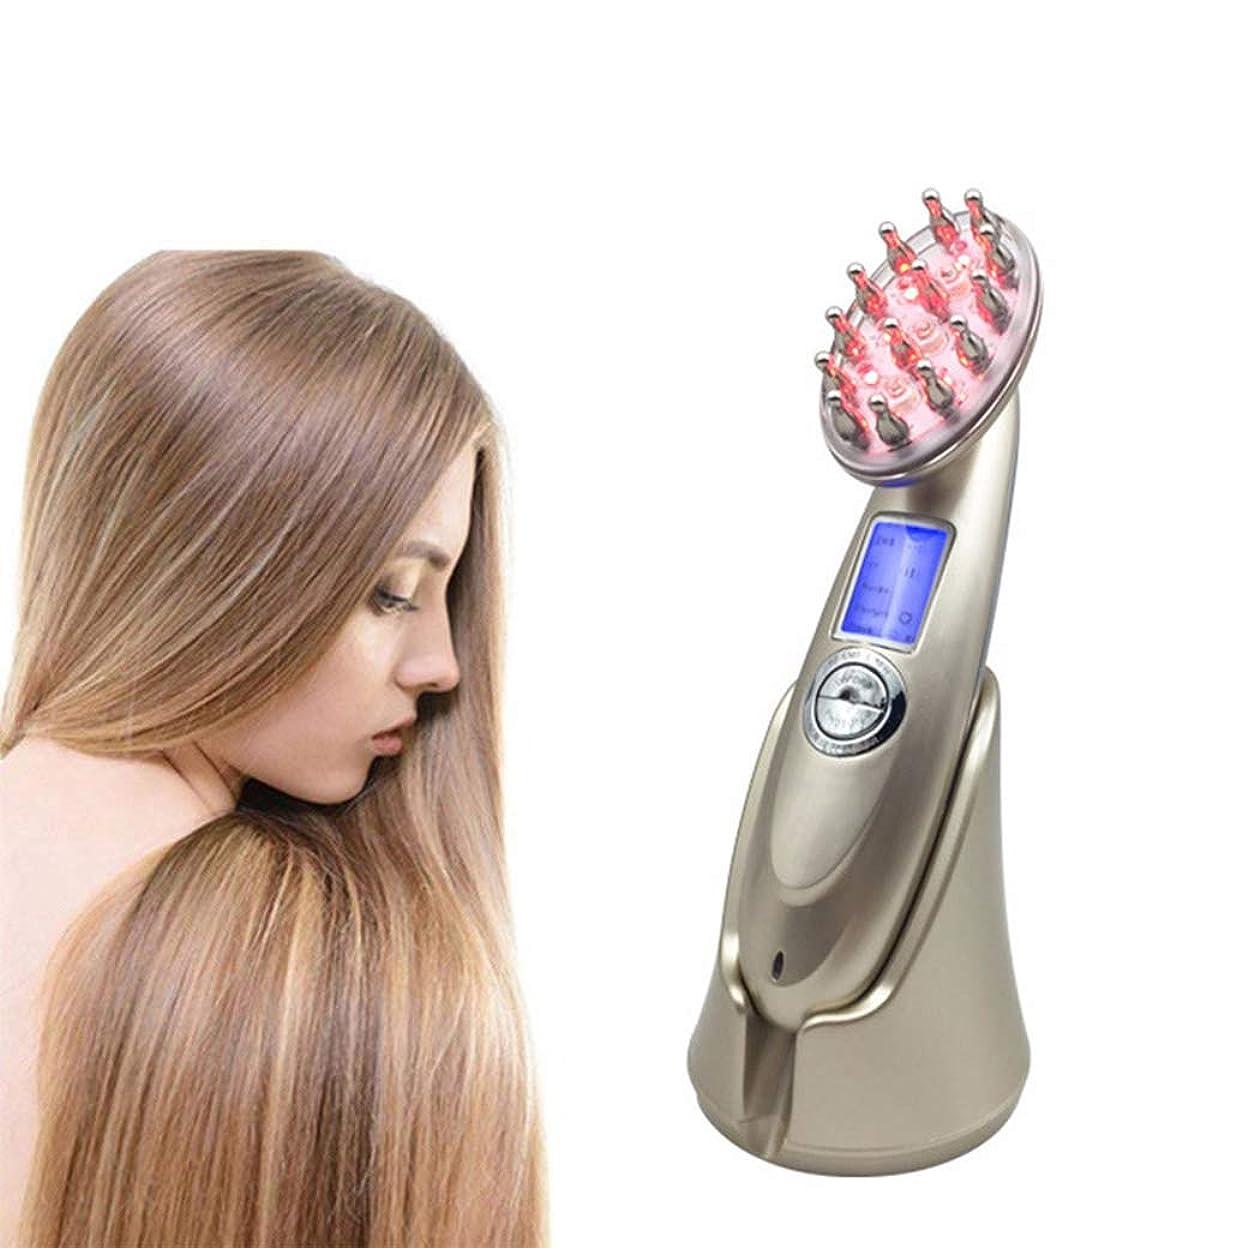 悪いリラックスしたアナウンサー脱毛治療装置、レーザー + LED 光療法の毛の再生ブラシ、抗脱毛ヘッドマッサージ櫛ブラシ脱毛毛の成長抗脱毛の男性または女性